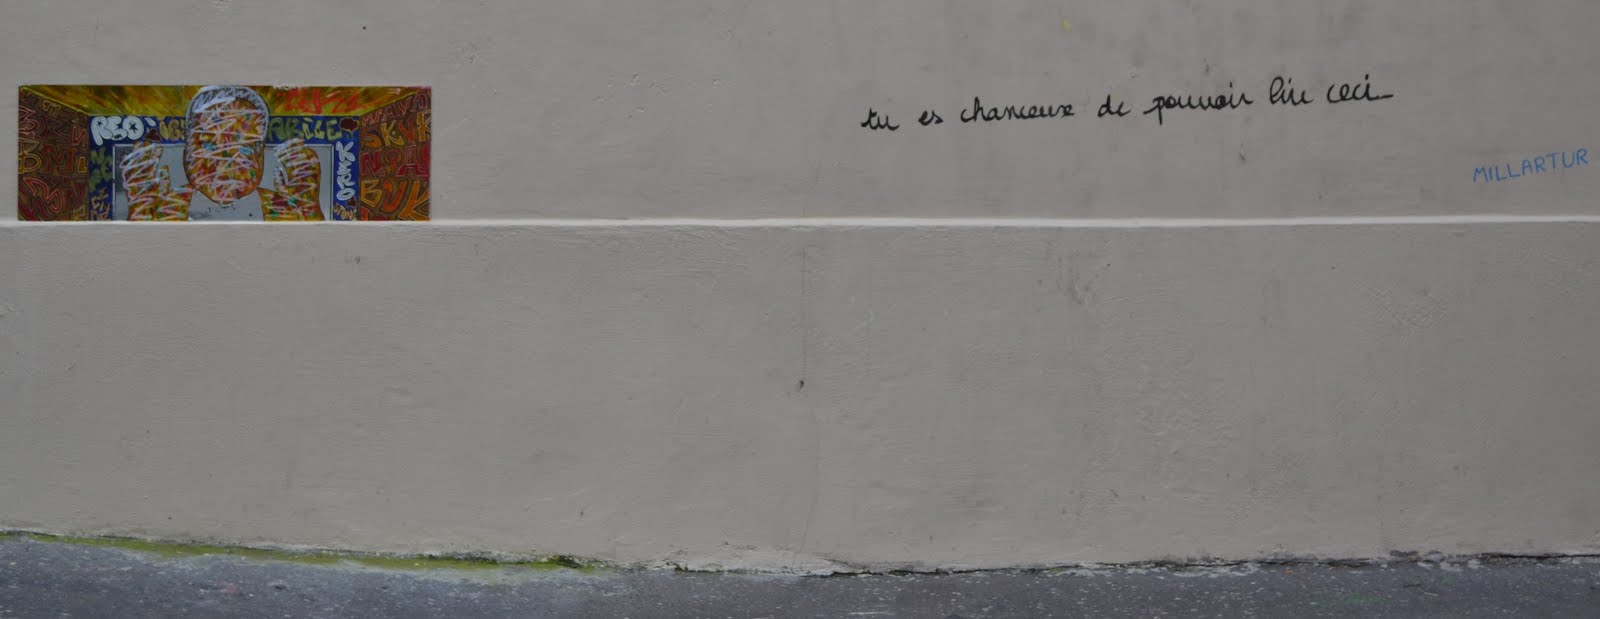 Paris, février 2018